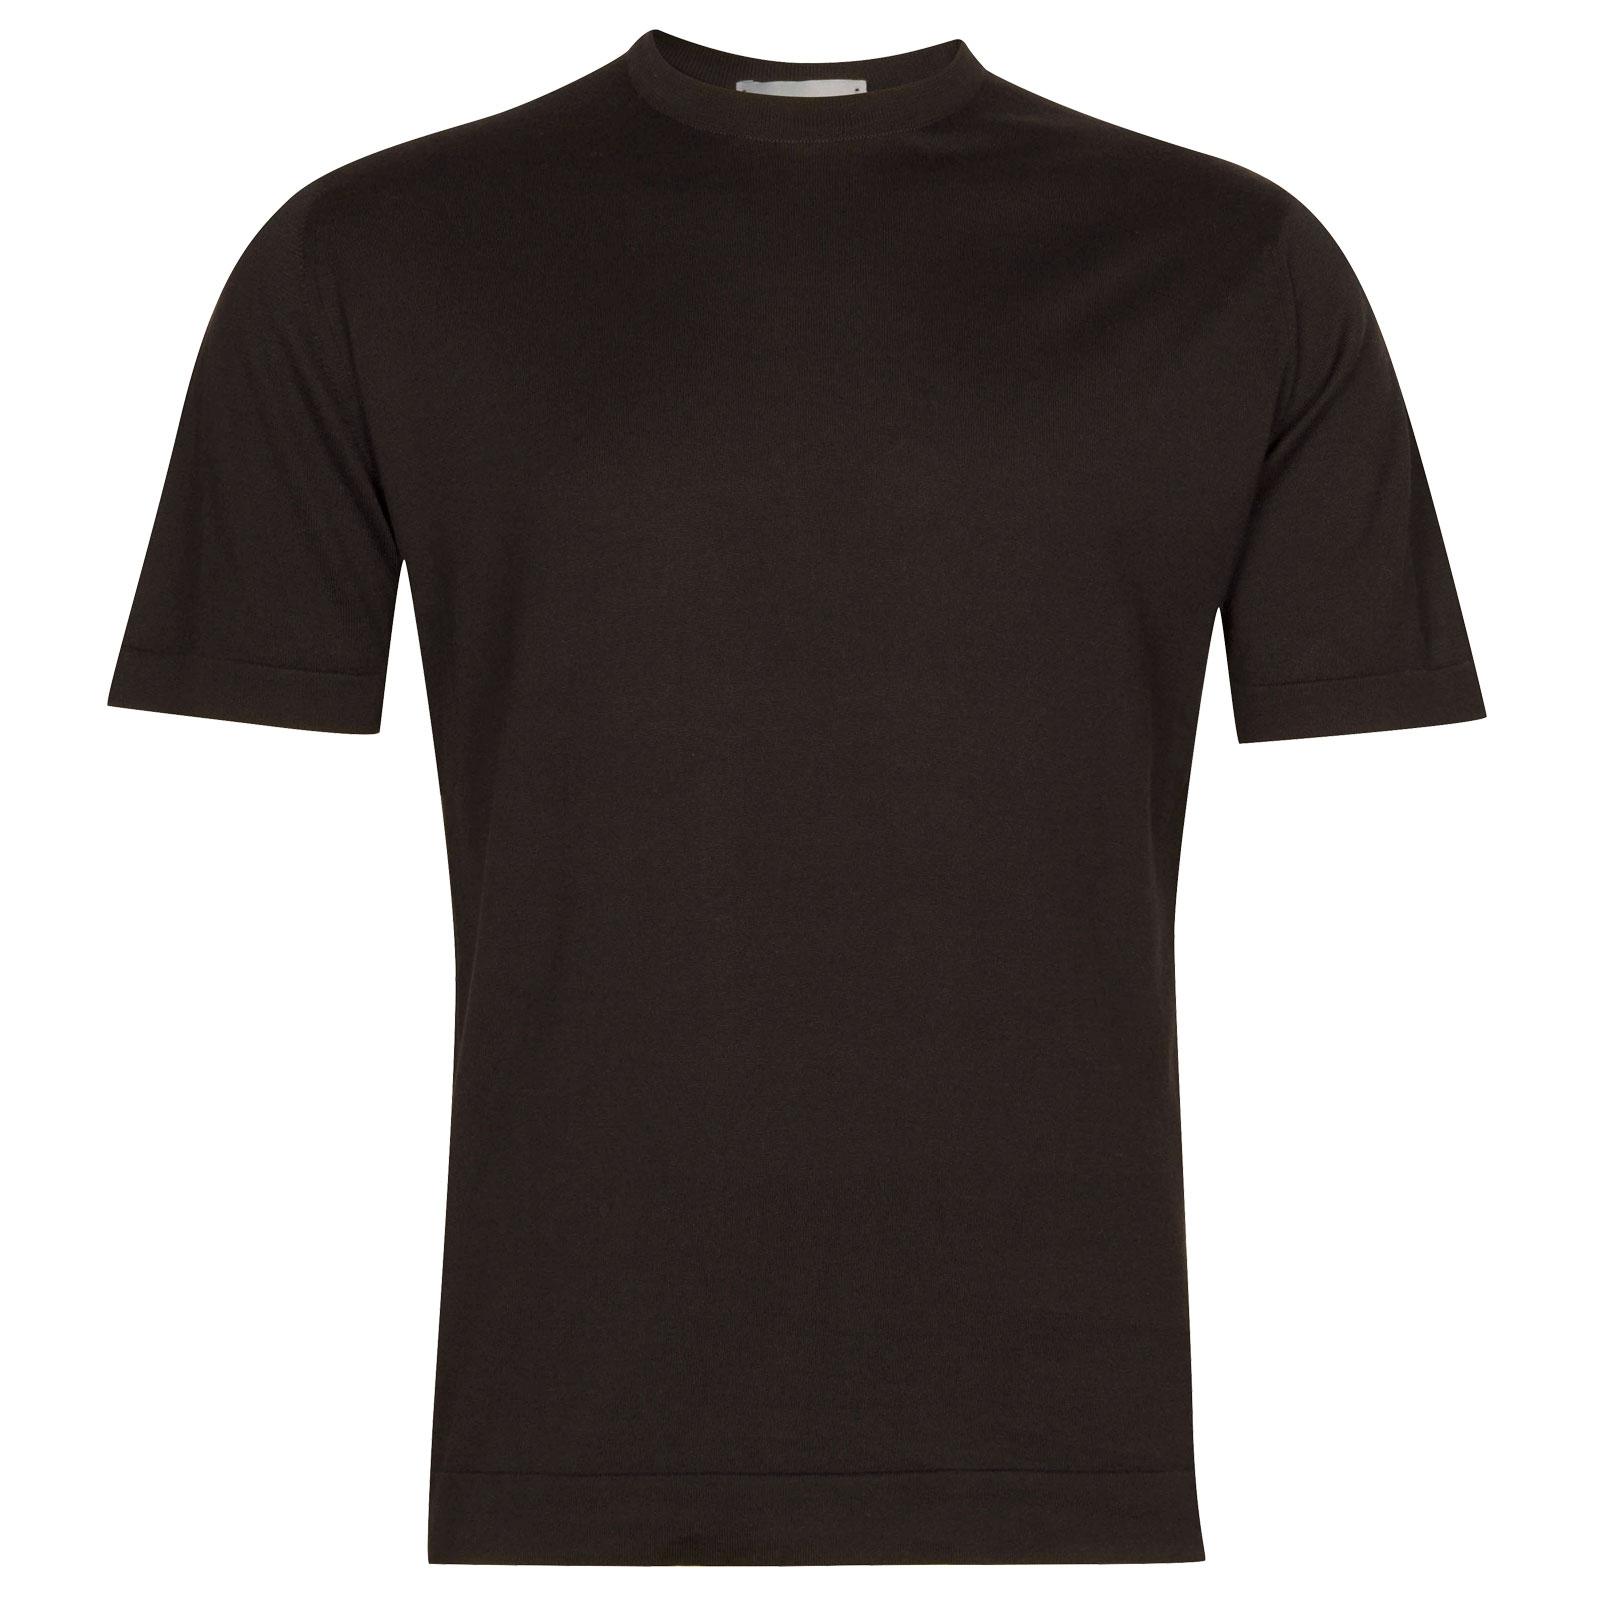 John Smedley Lorca in Flannel Grey T-Shirt-SML